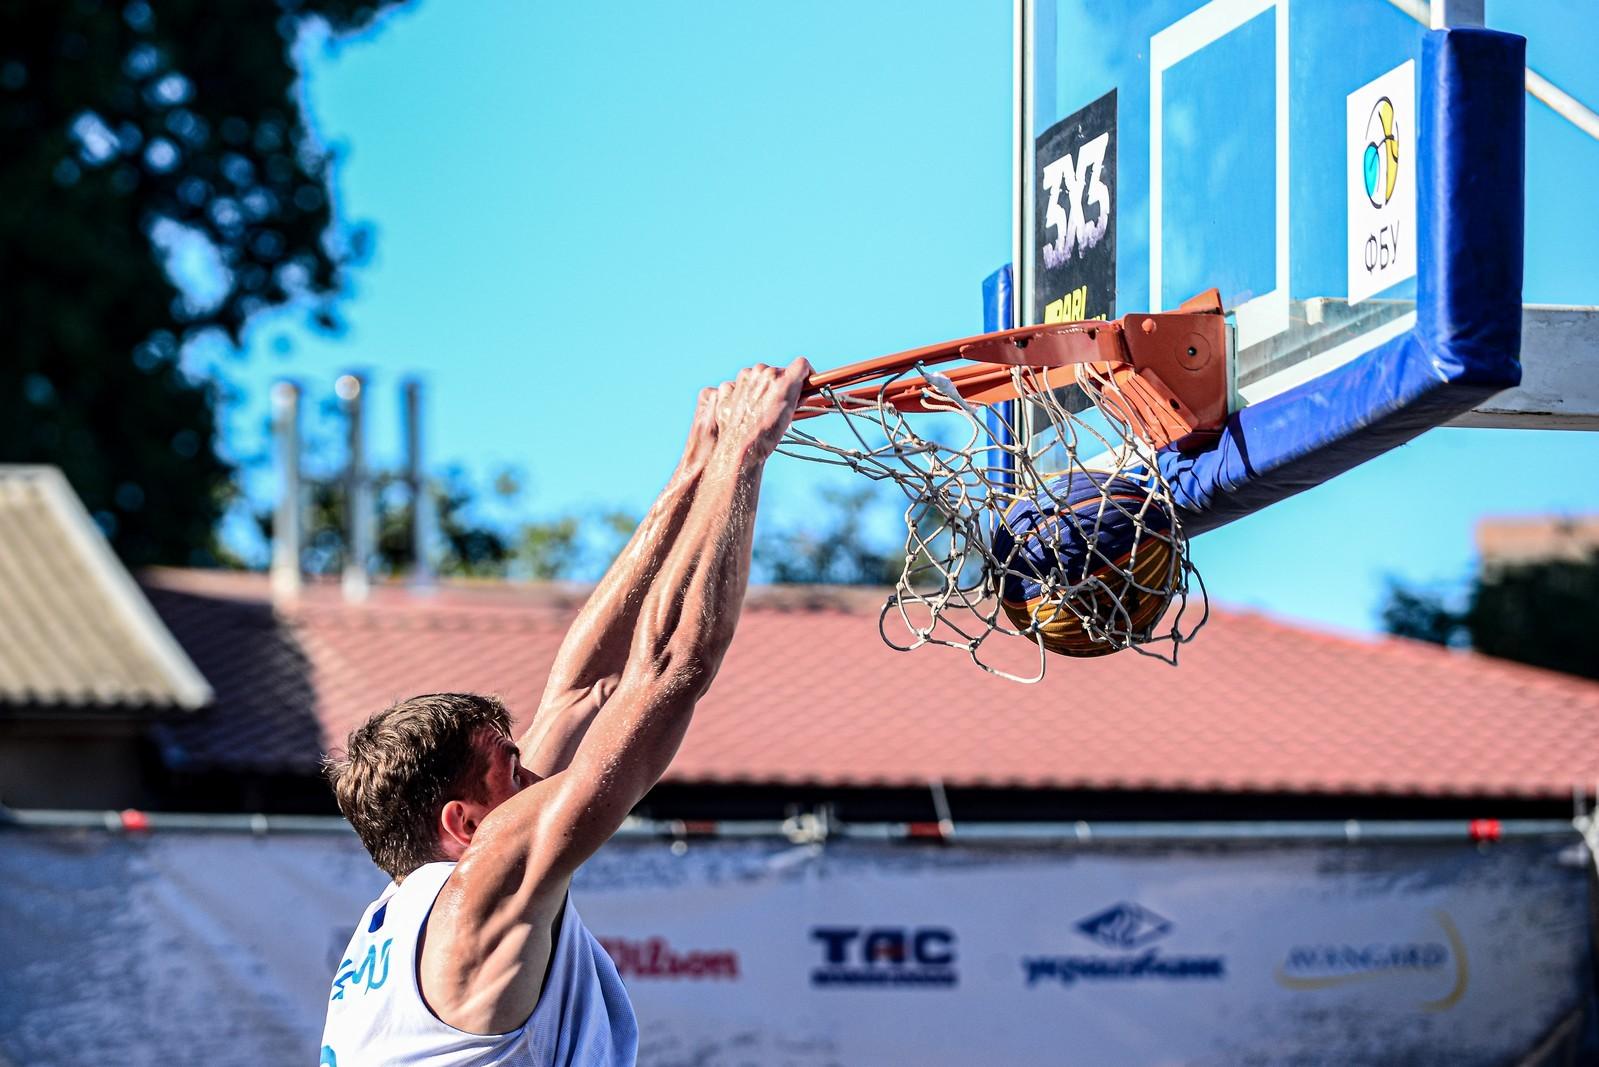 Постер-данк Давидюка, переможний базер Носкова — у топ-10 моментів фіналу Суперліги 3х3 Одесі